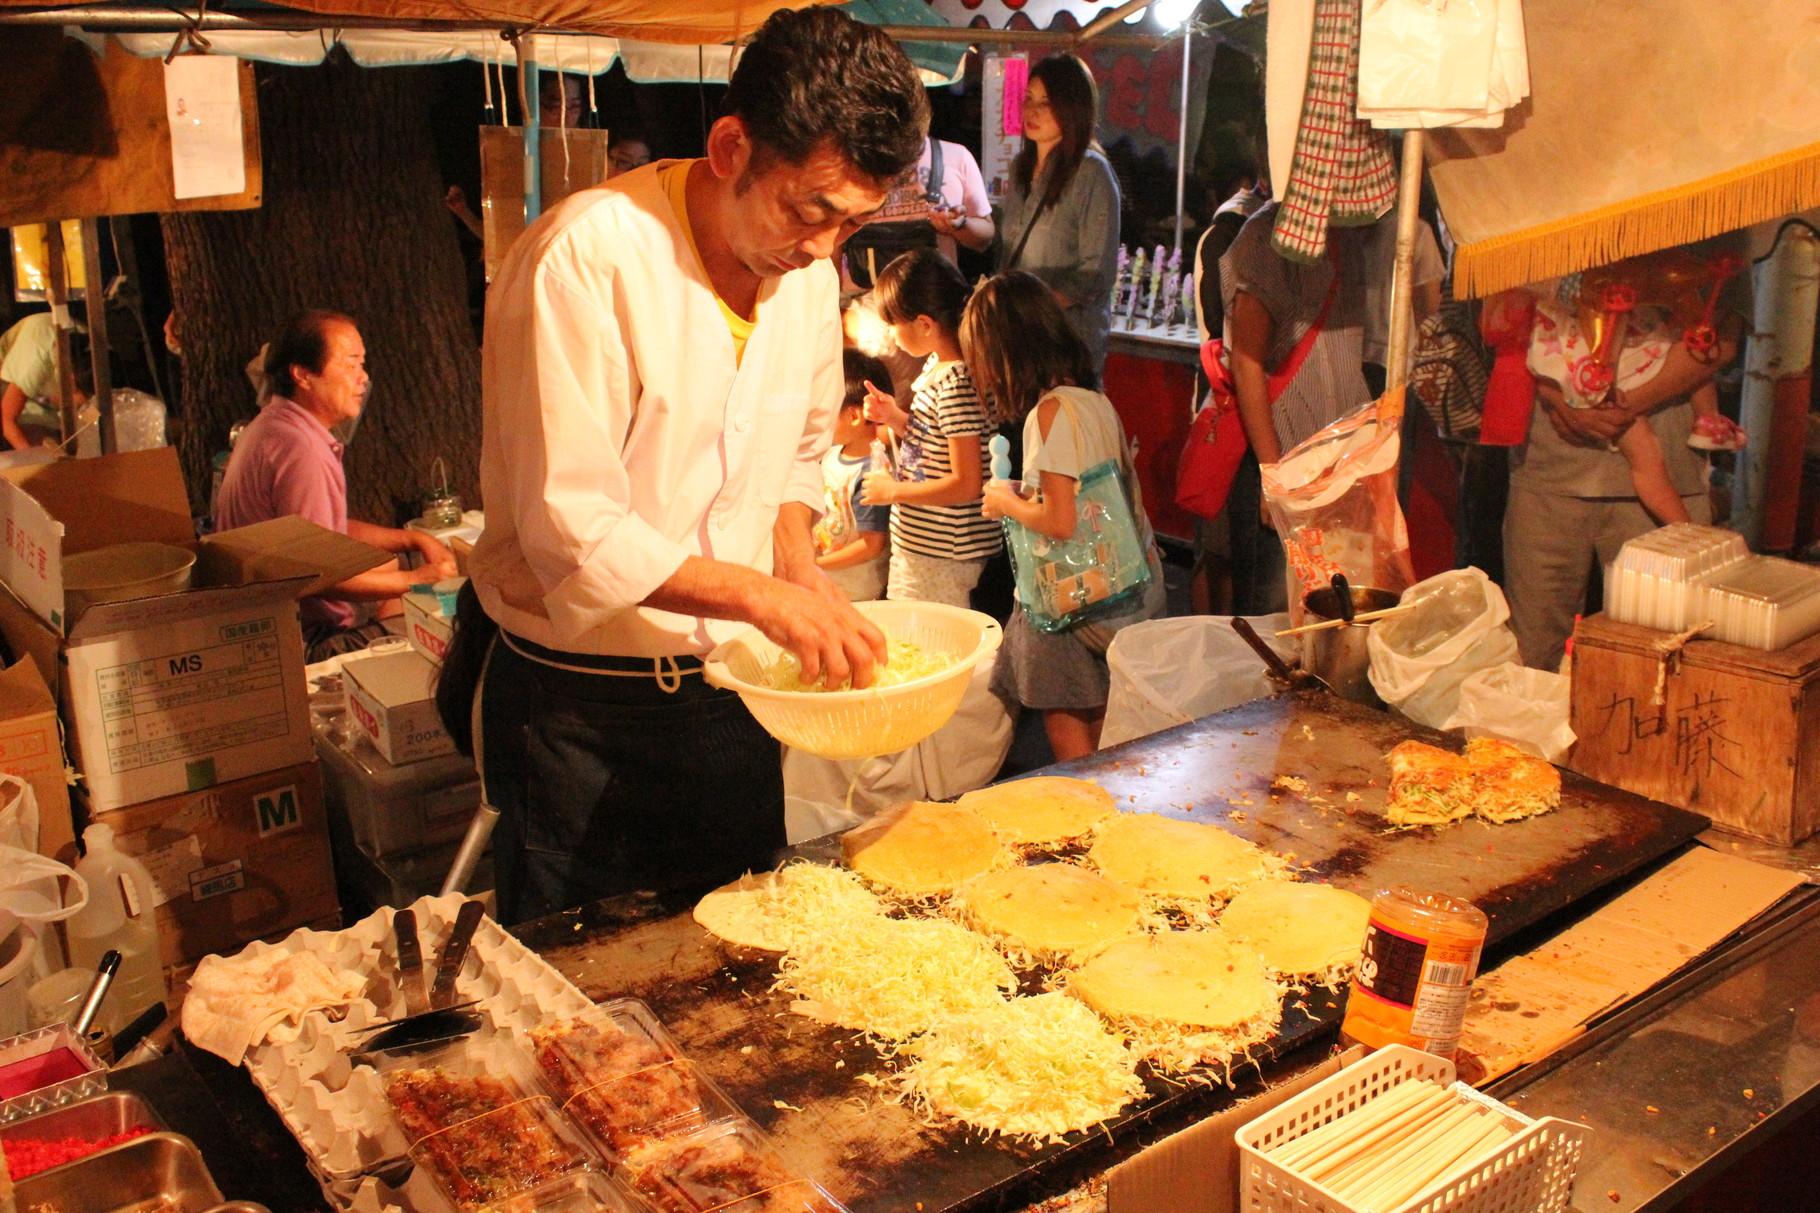 Mehr Leckeres! Wieder eine Art von Okonomiyaki